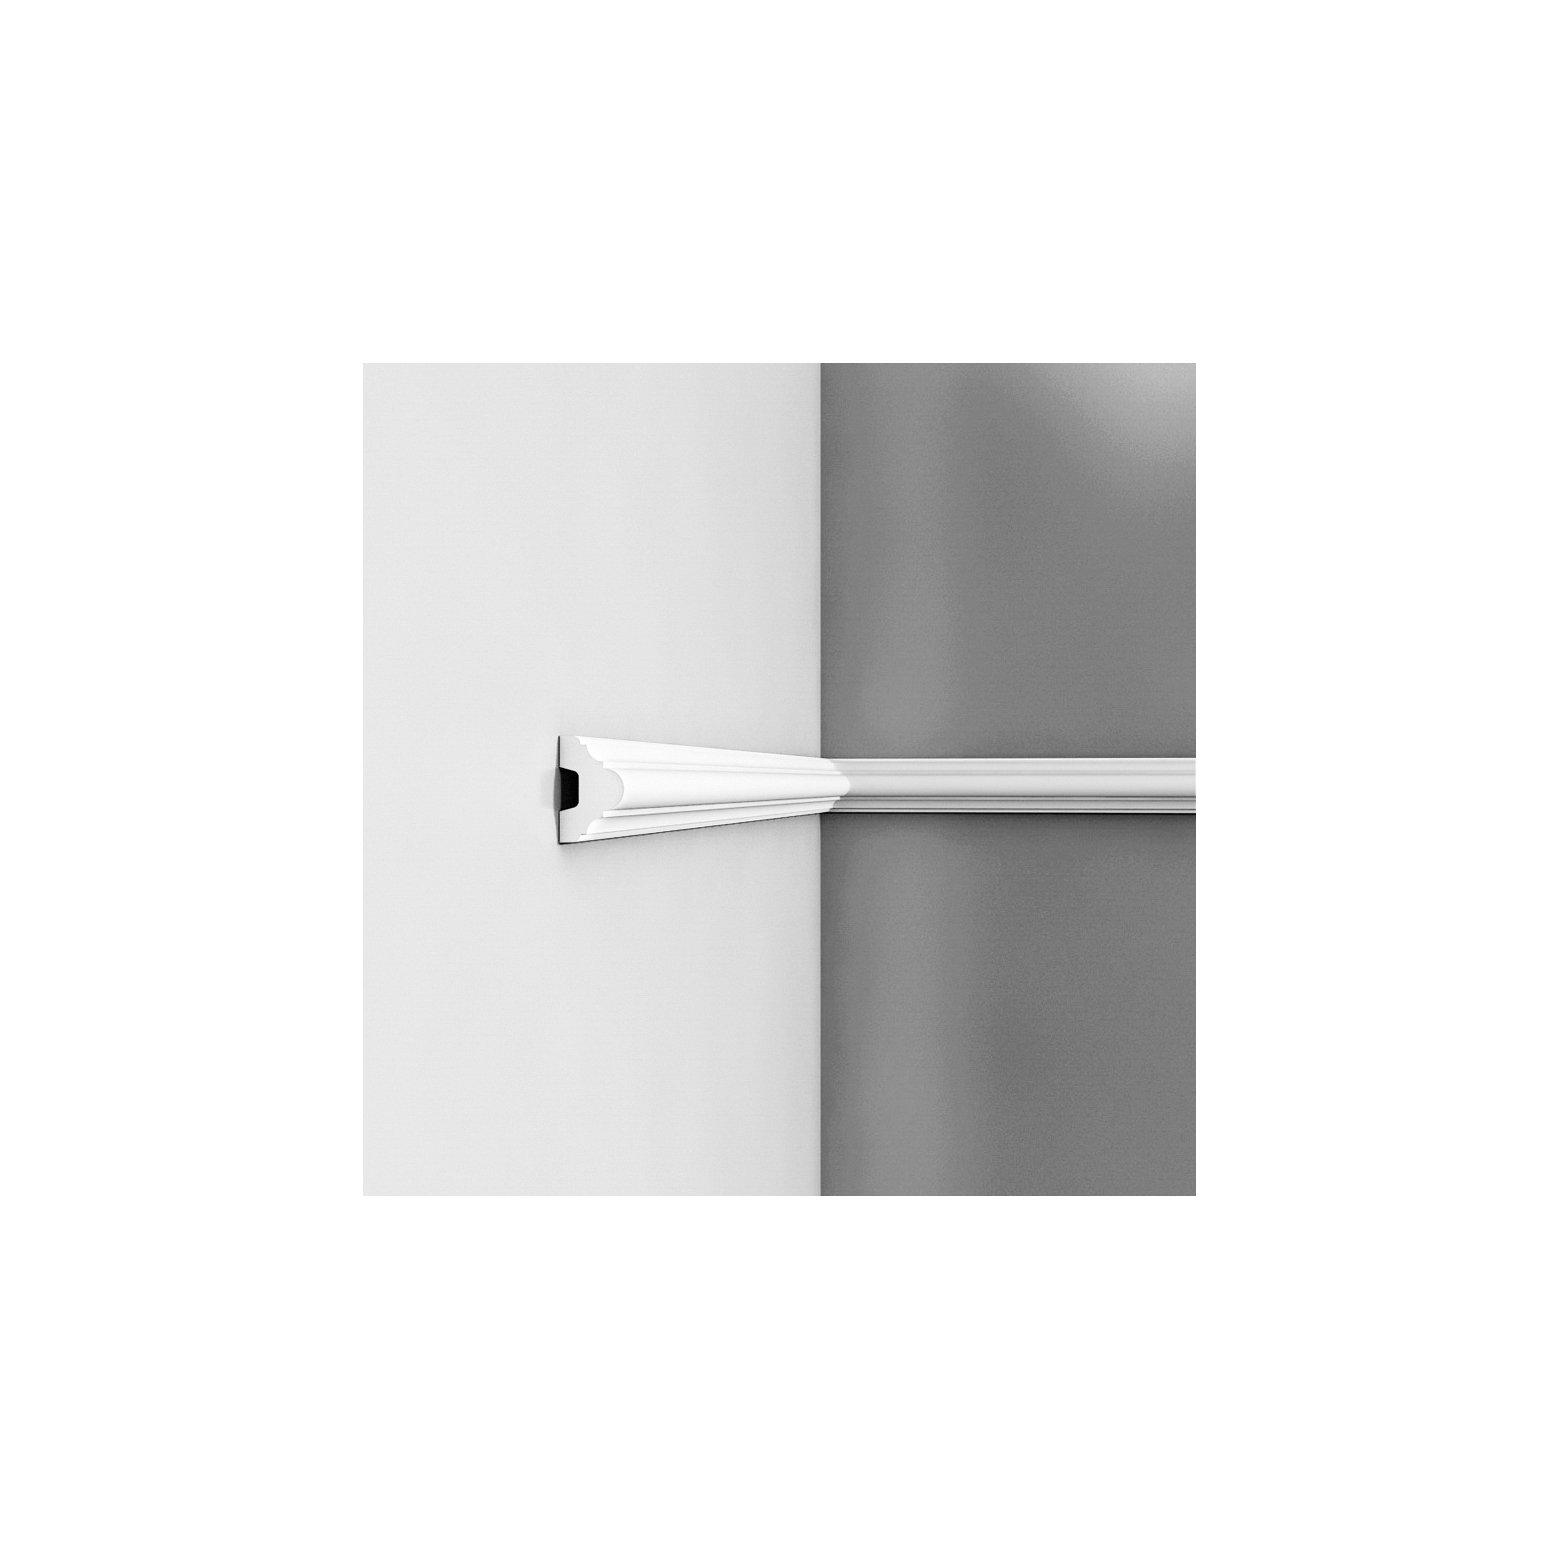 Listwa ścienna gładka ODP4020* (wym.200x2.9x5cm)